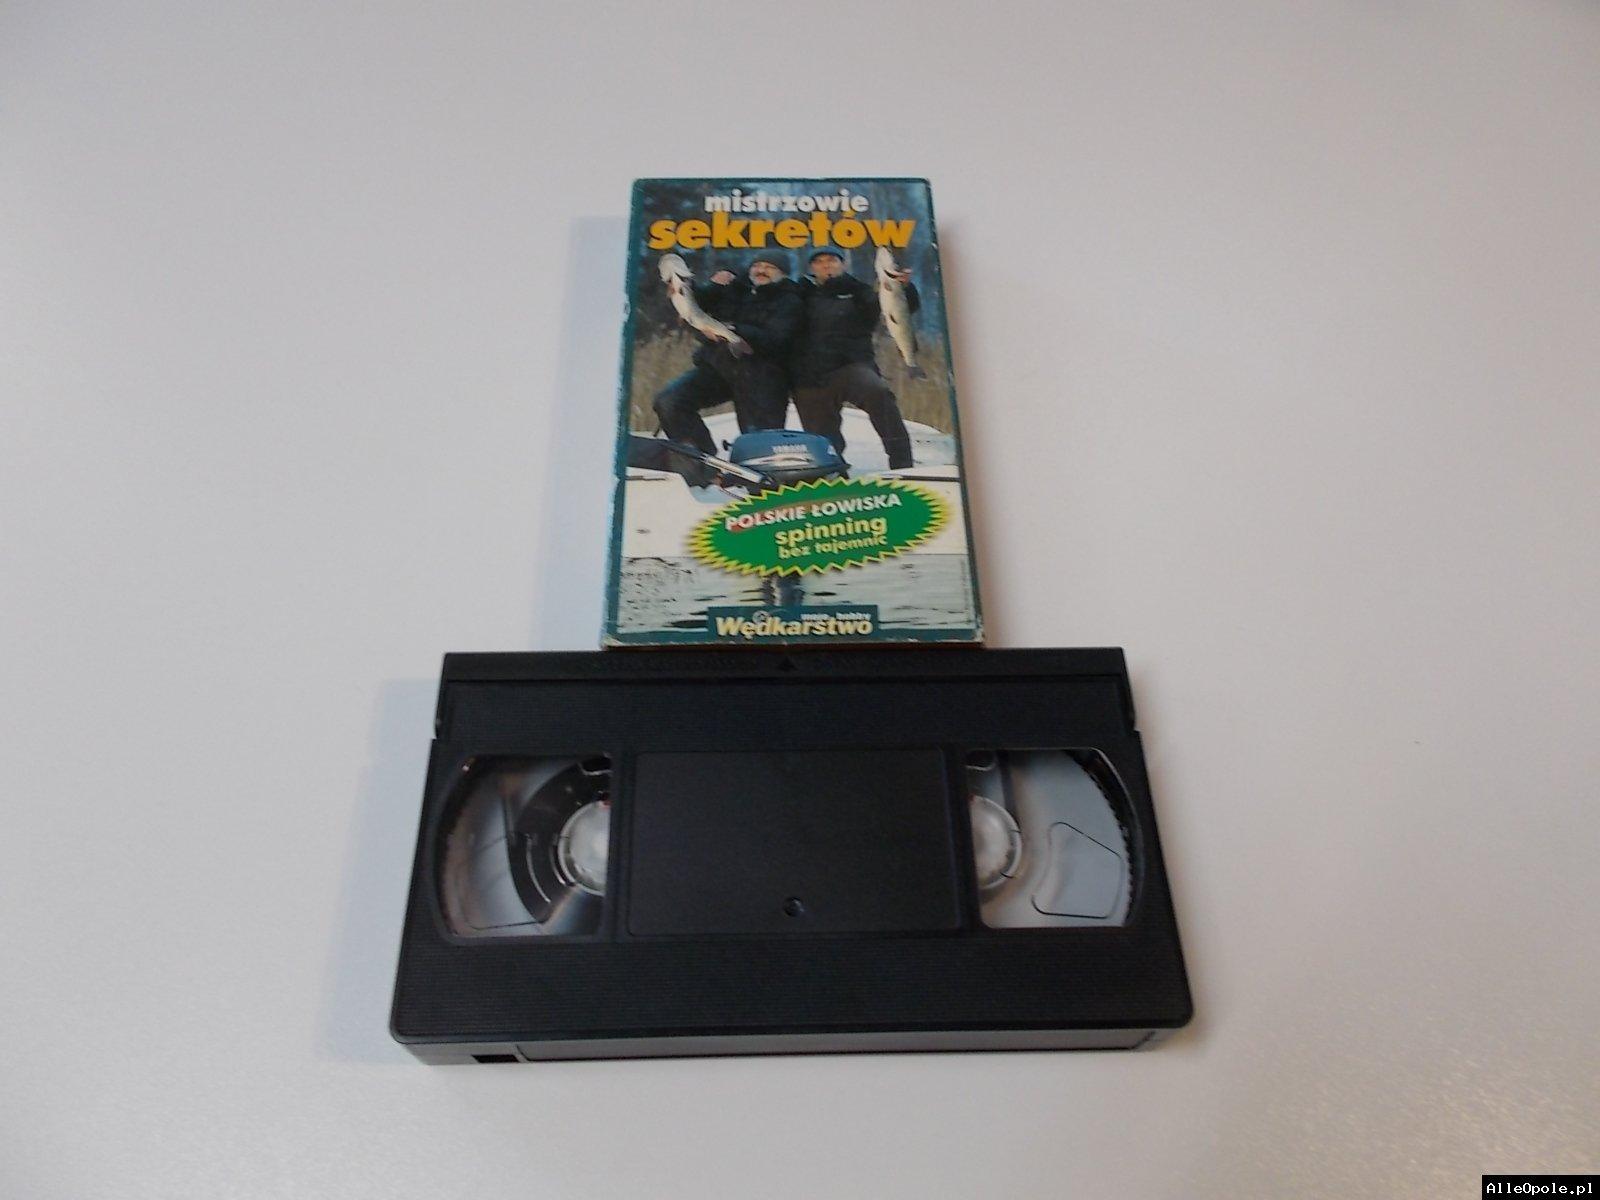 MISTRZOWIE SEKRETÓW SPINNING - VHS Kaseta Video - Opole 1698